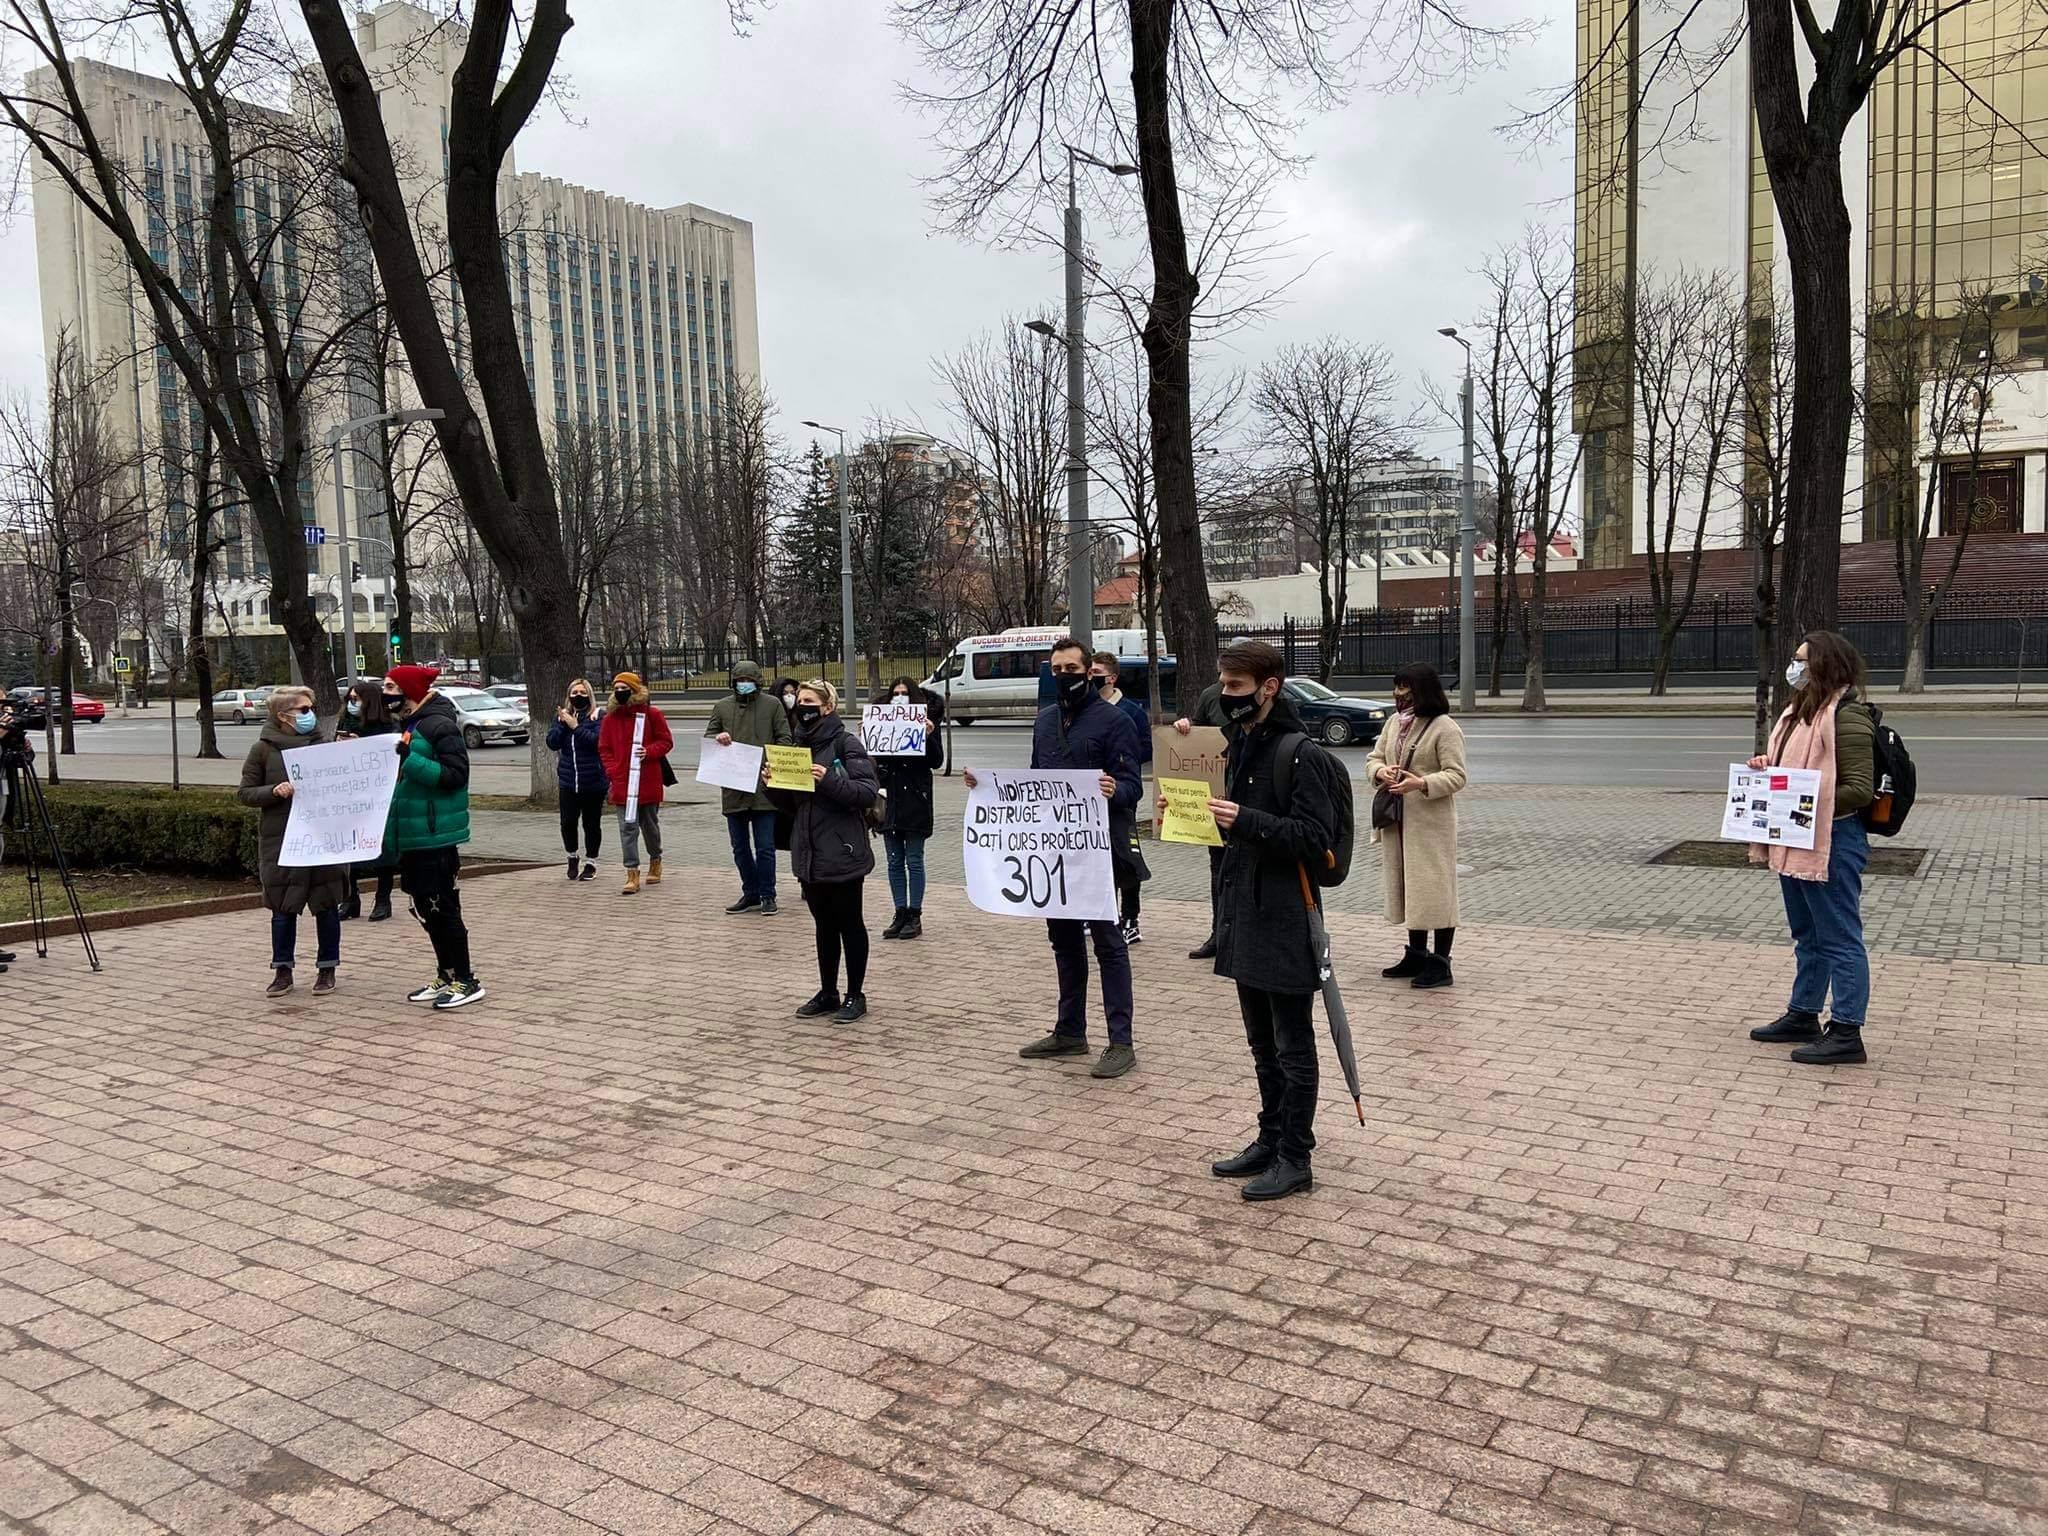 «Безразличие разрушает жизни». ВКишиневе активисты потребовали принять законопроект для борьбы сдискриминацией (ФОТО/ВИДЕО)